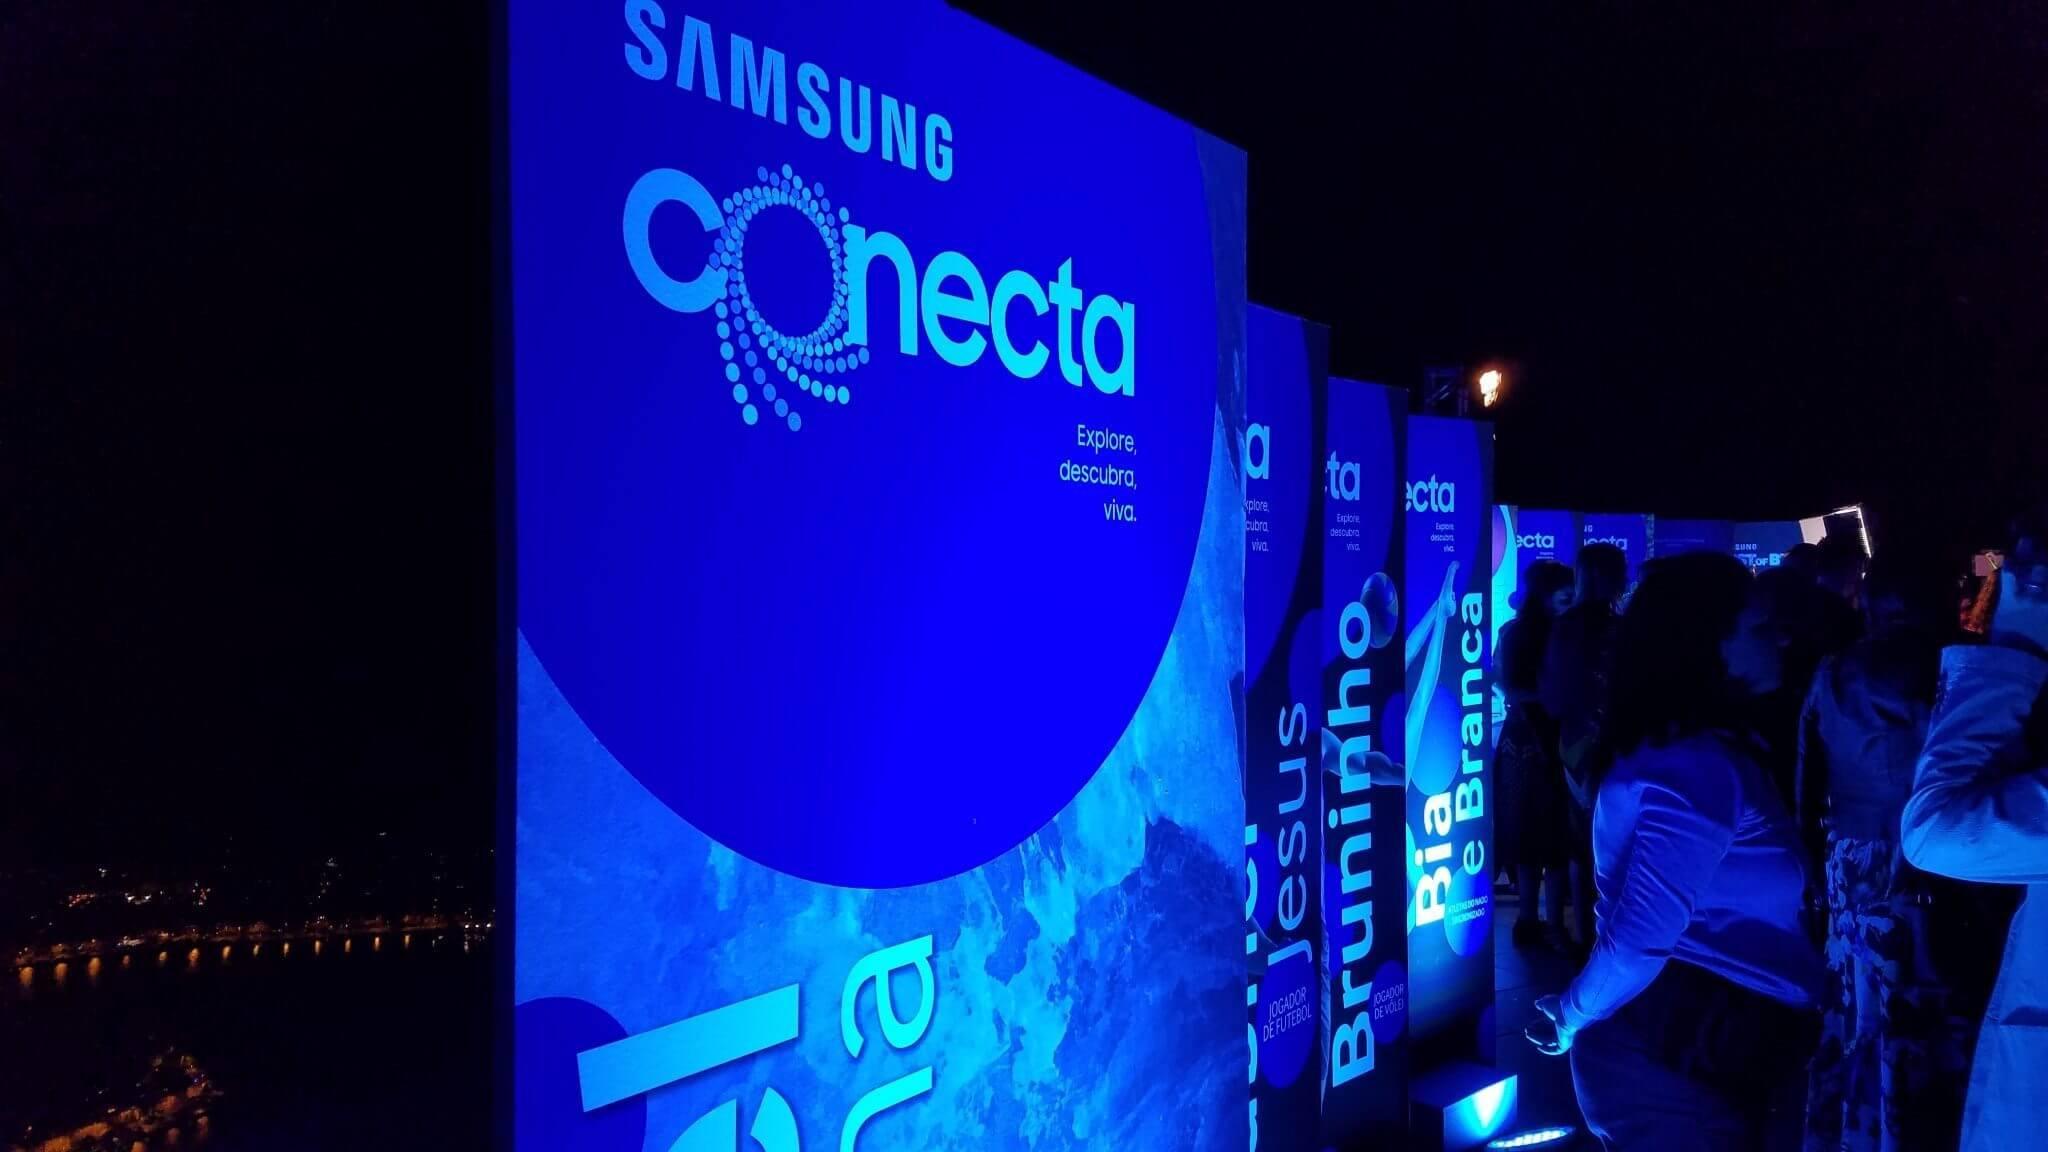 samsung conecta 2 - Samsung Conecta: empresa escolhe o Cristo Redentor para um anúncio especial